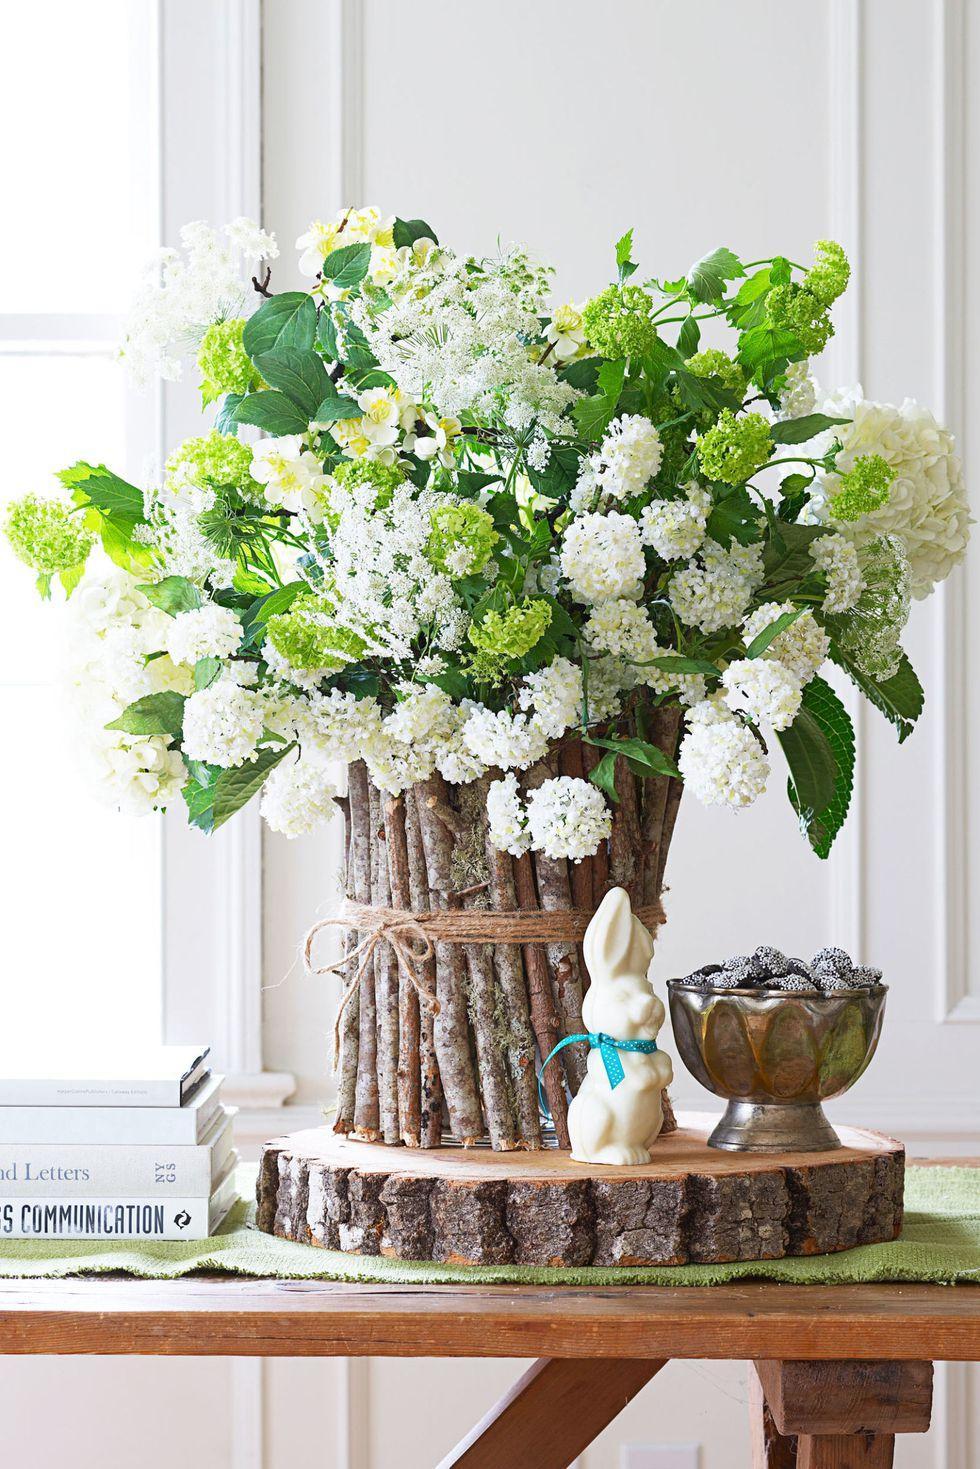 Φανταστικές ιδέες πασχαλινής διακόσμησης για το σπίτι αλλά και το εορταστικό τραπέζι!